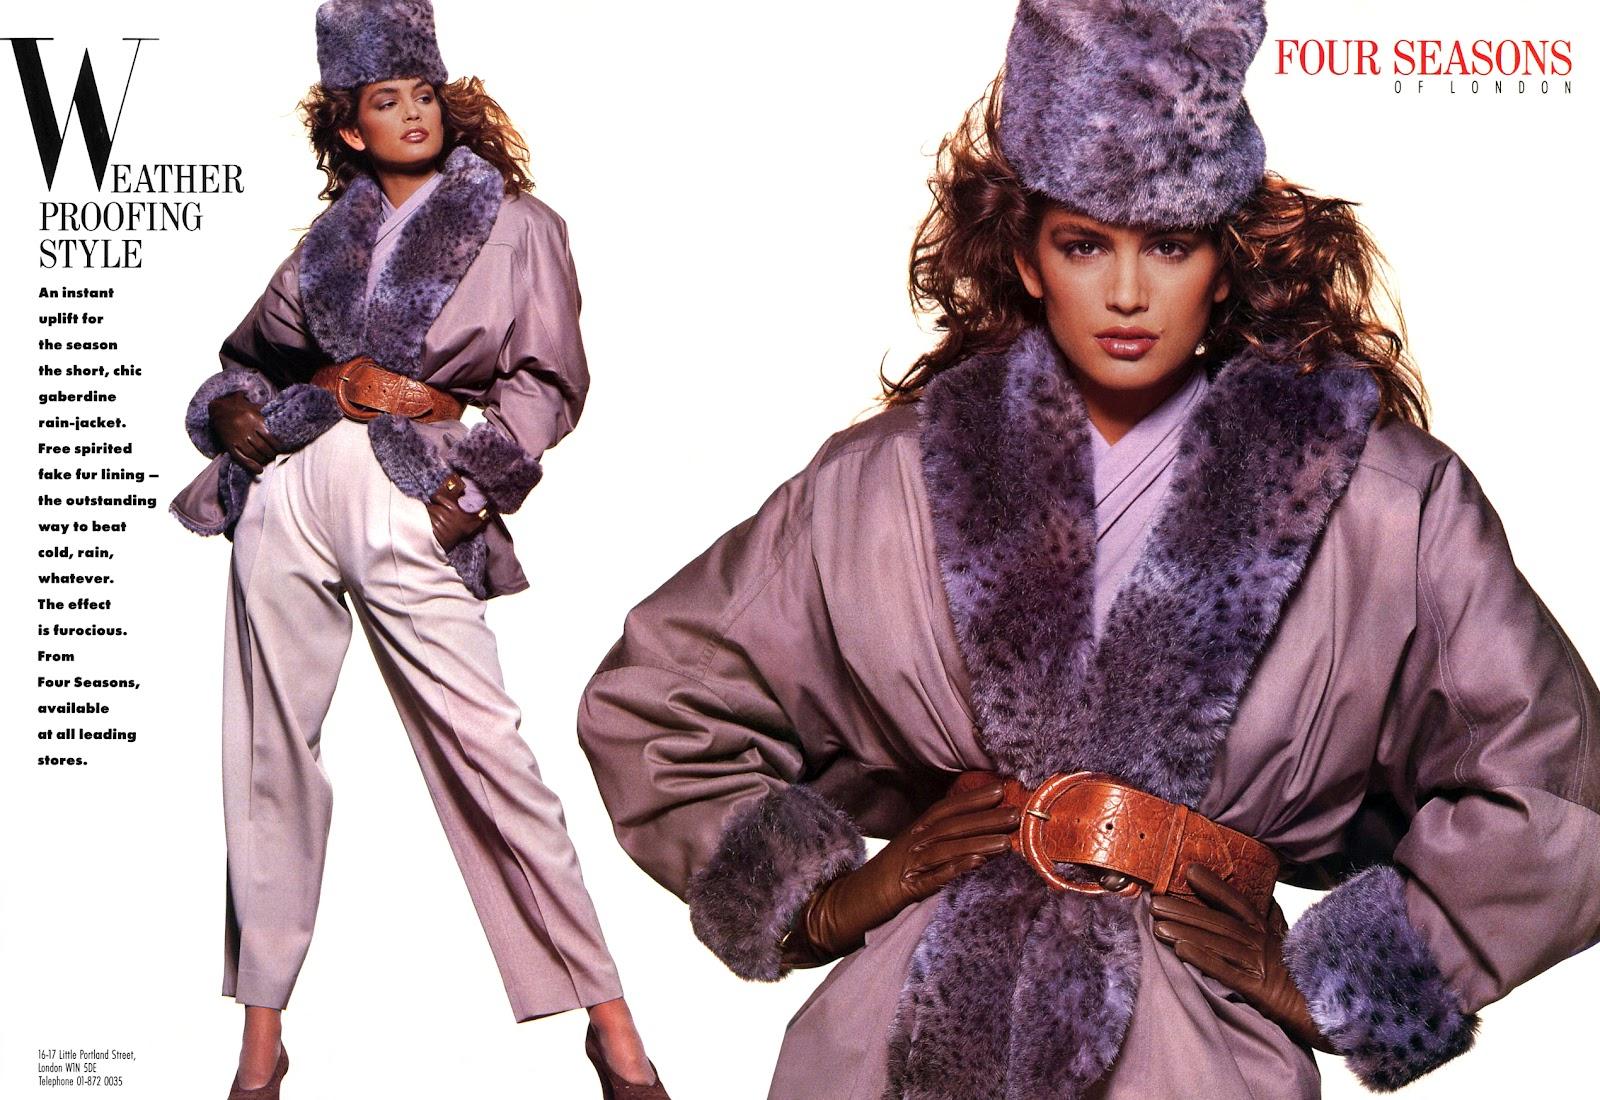 http://2.bp.blogspot.com/-Ks_V16Mln9A/T0TGQenzTAI/AAAAAAAAANk/DUg47oPIQE8/s1600/Cindy+Crawford+1989+Four+Seasons+Ph+Unk+001.jpg